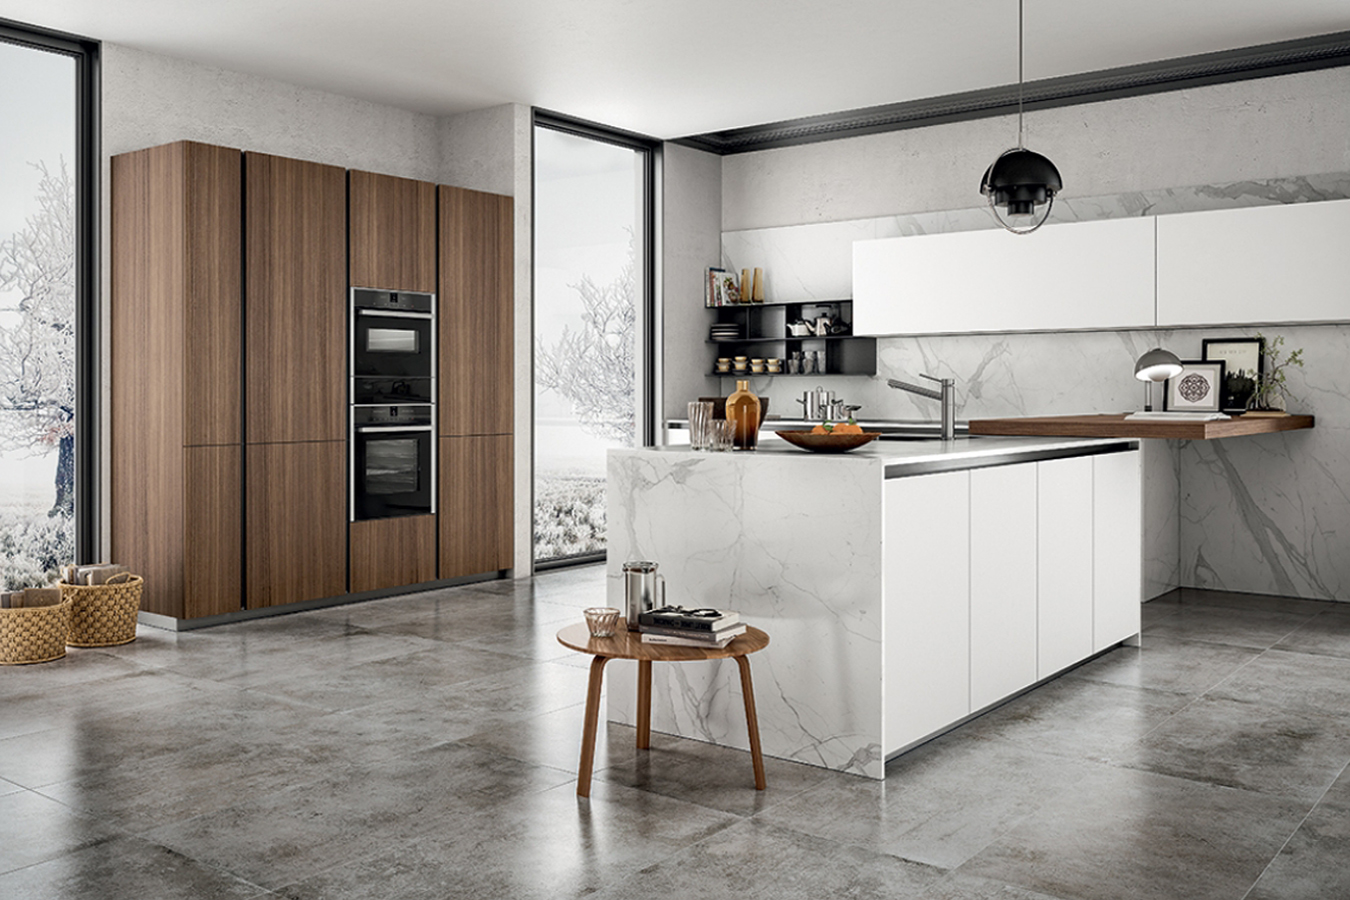 Cucina zetasei di arredo3 righetti mobili novara for Arredamento